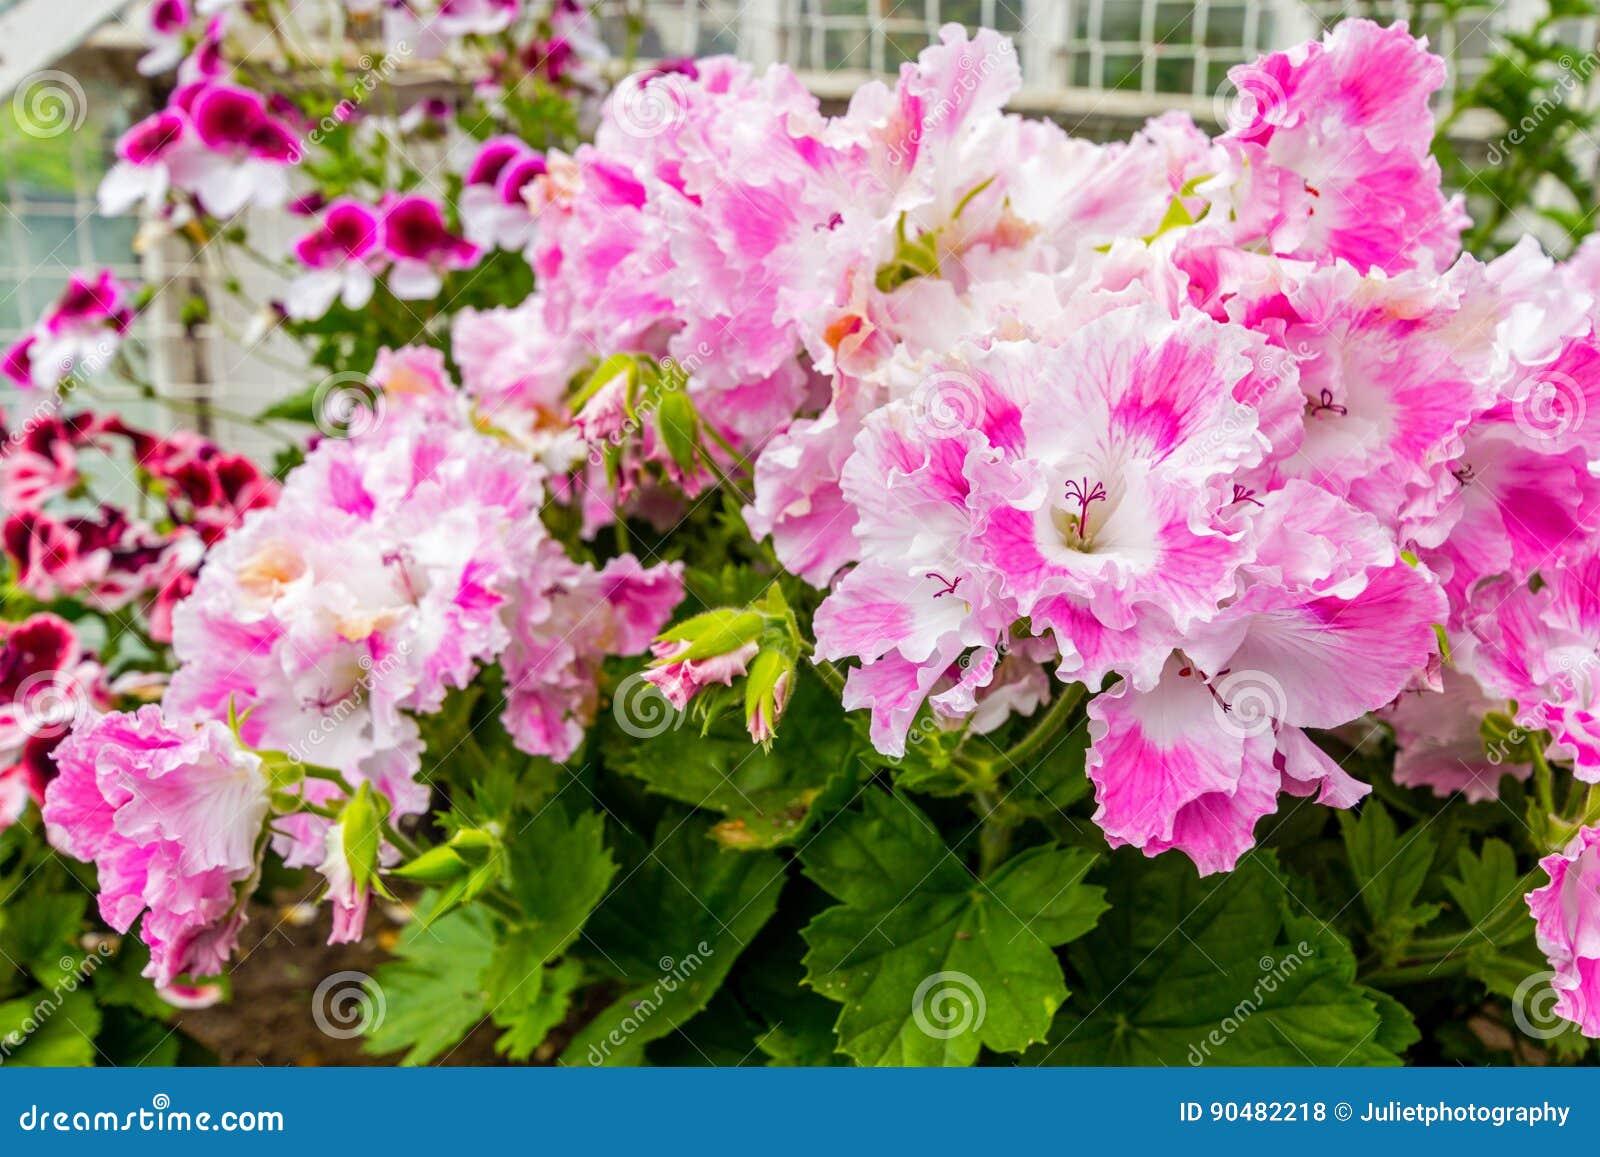 Ha Fiori Bianchi E Rosa.Fiori Rosa E Bianchi Del Geranio Fine Su Fotografia Stock